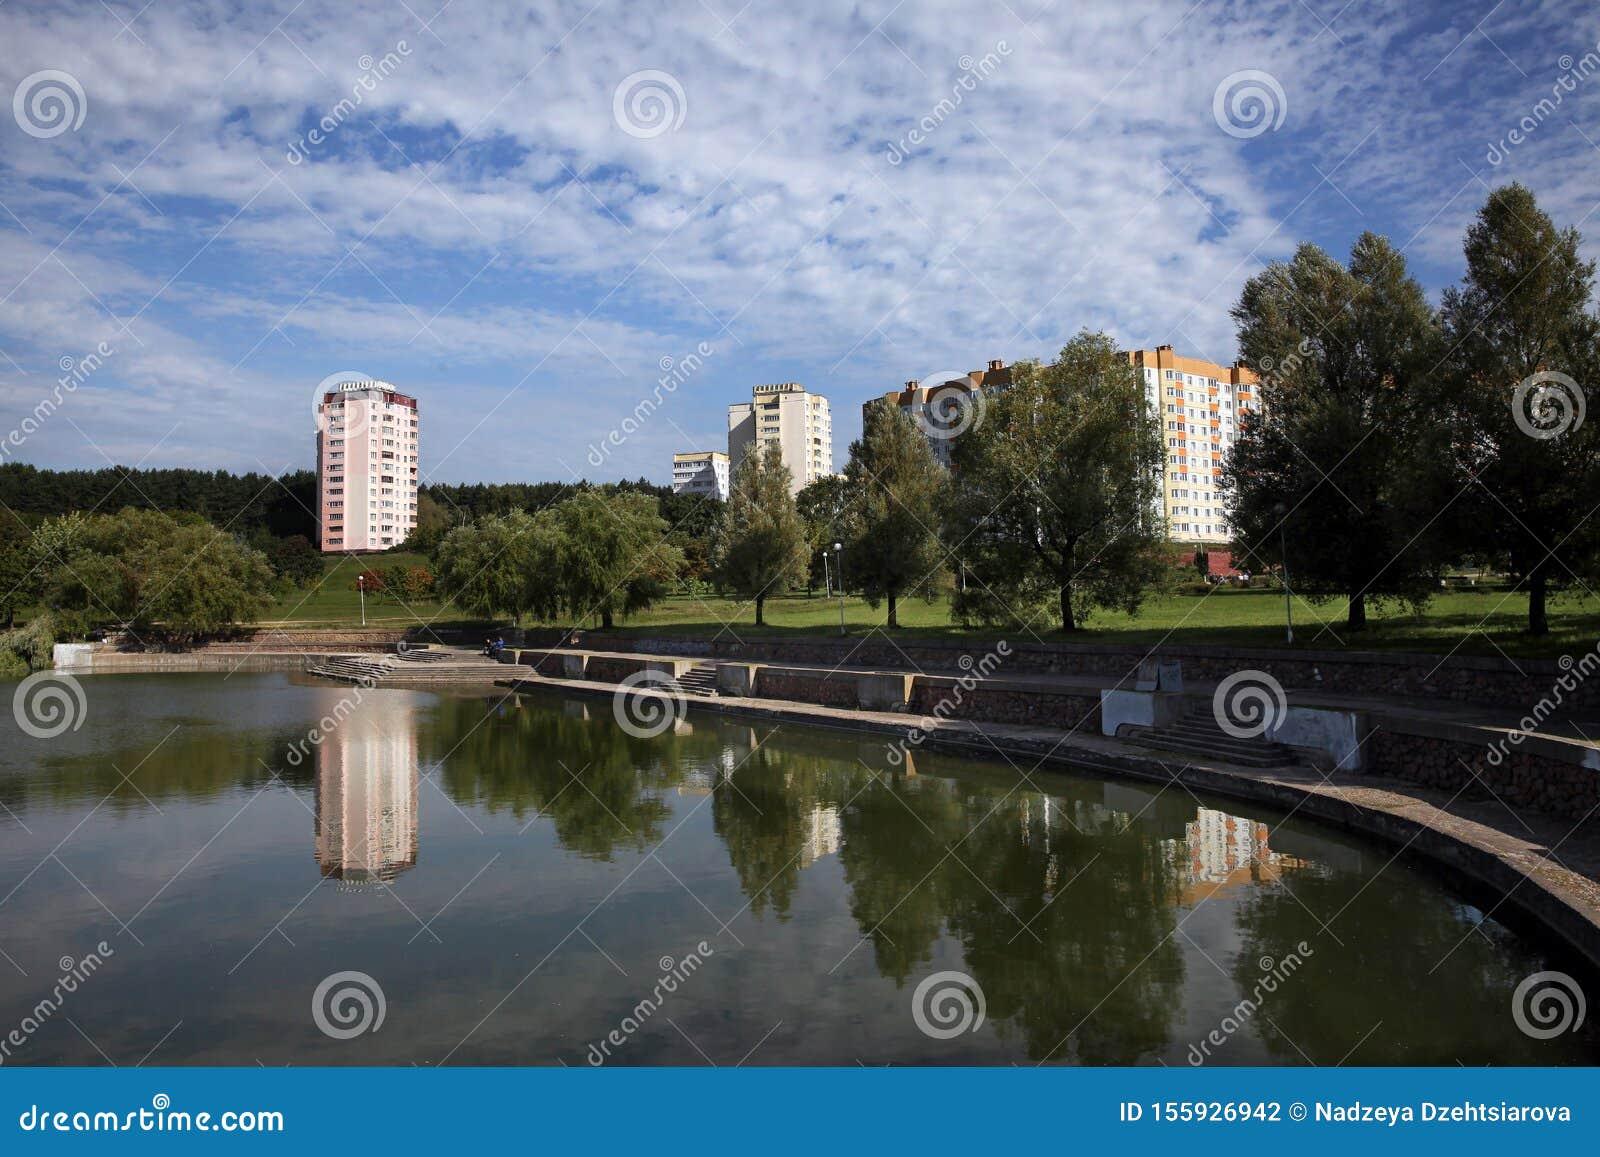 The park area on Miroshnichenko street